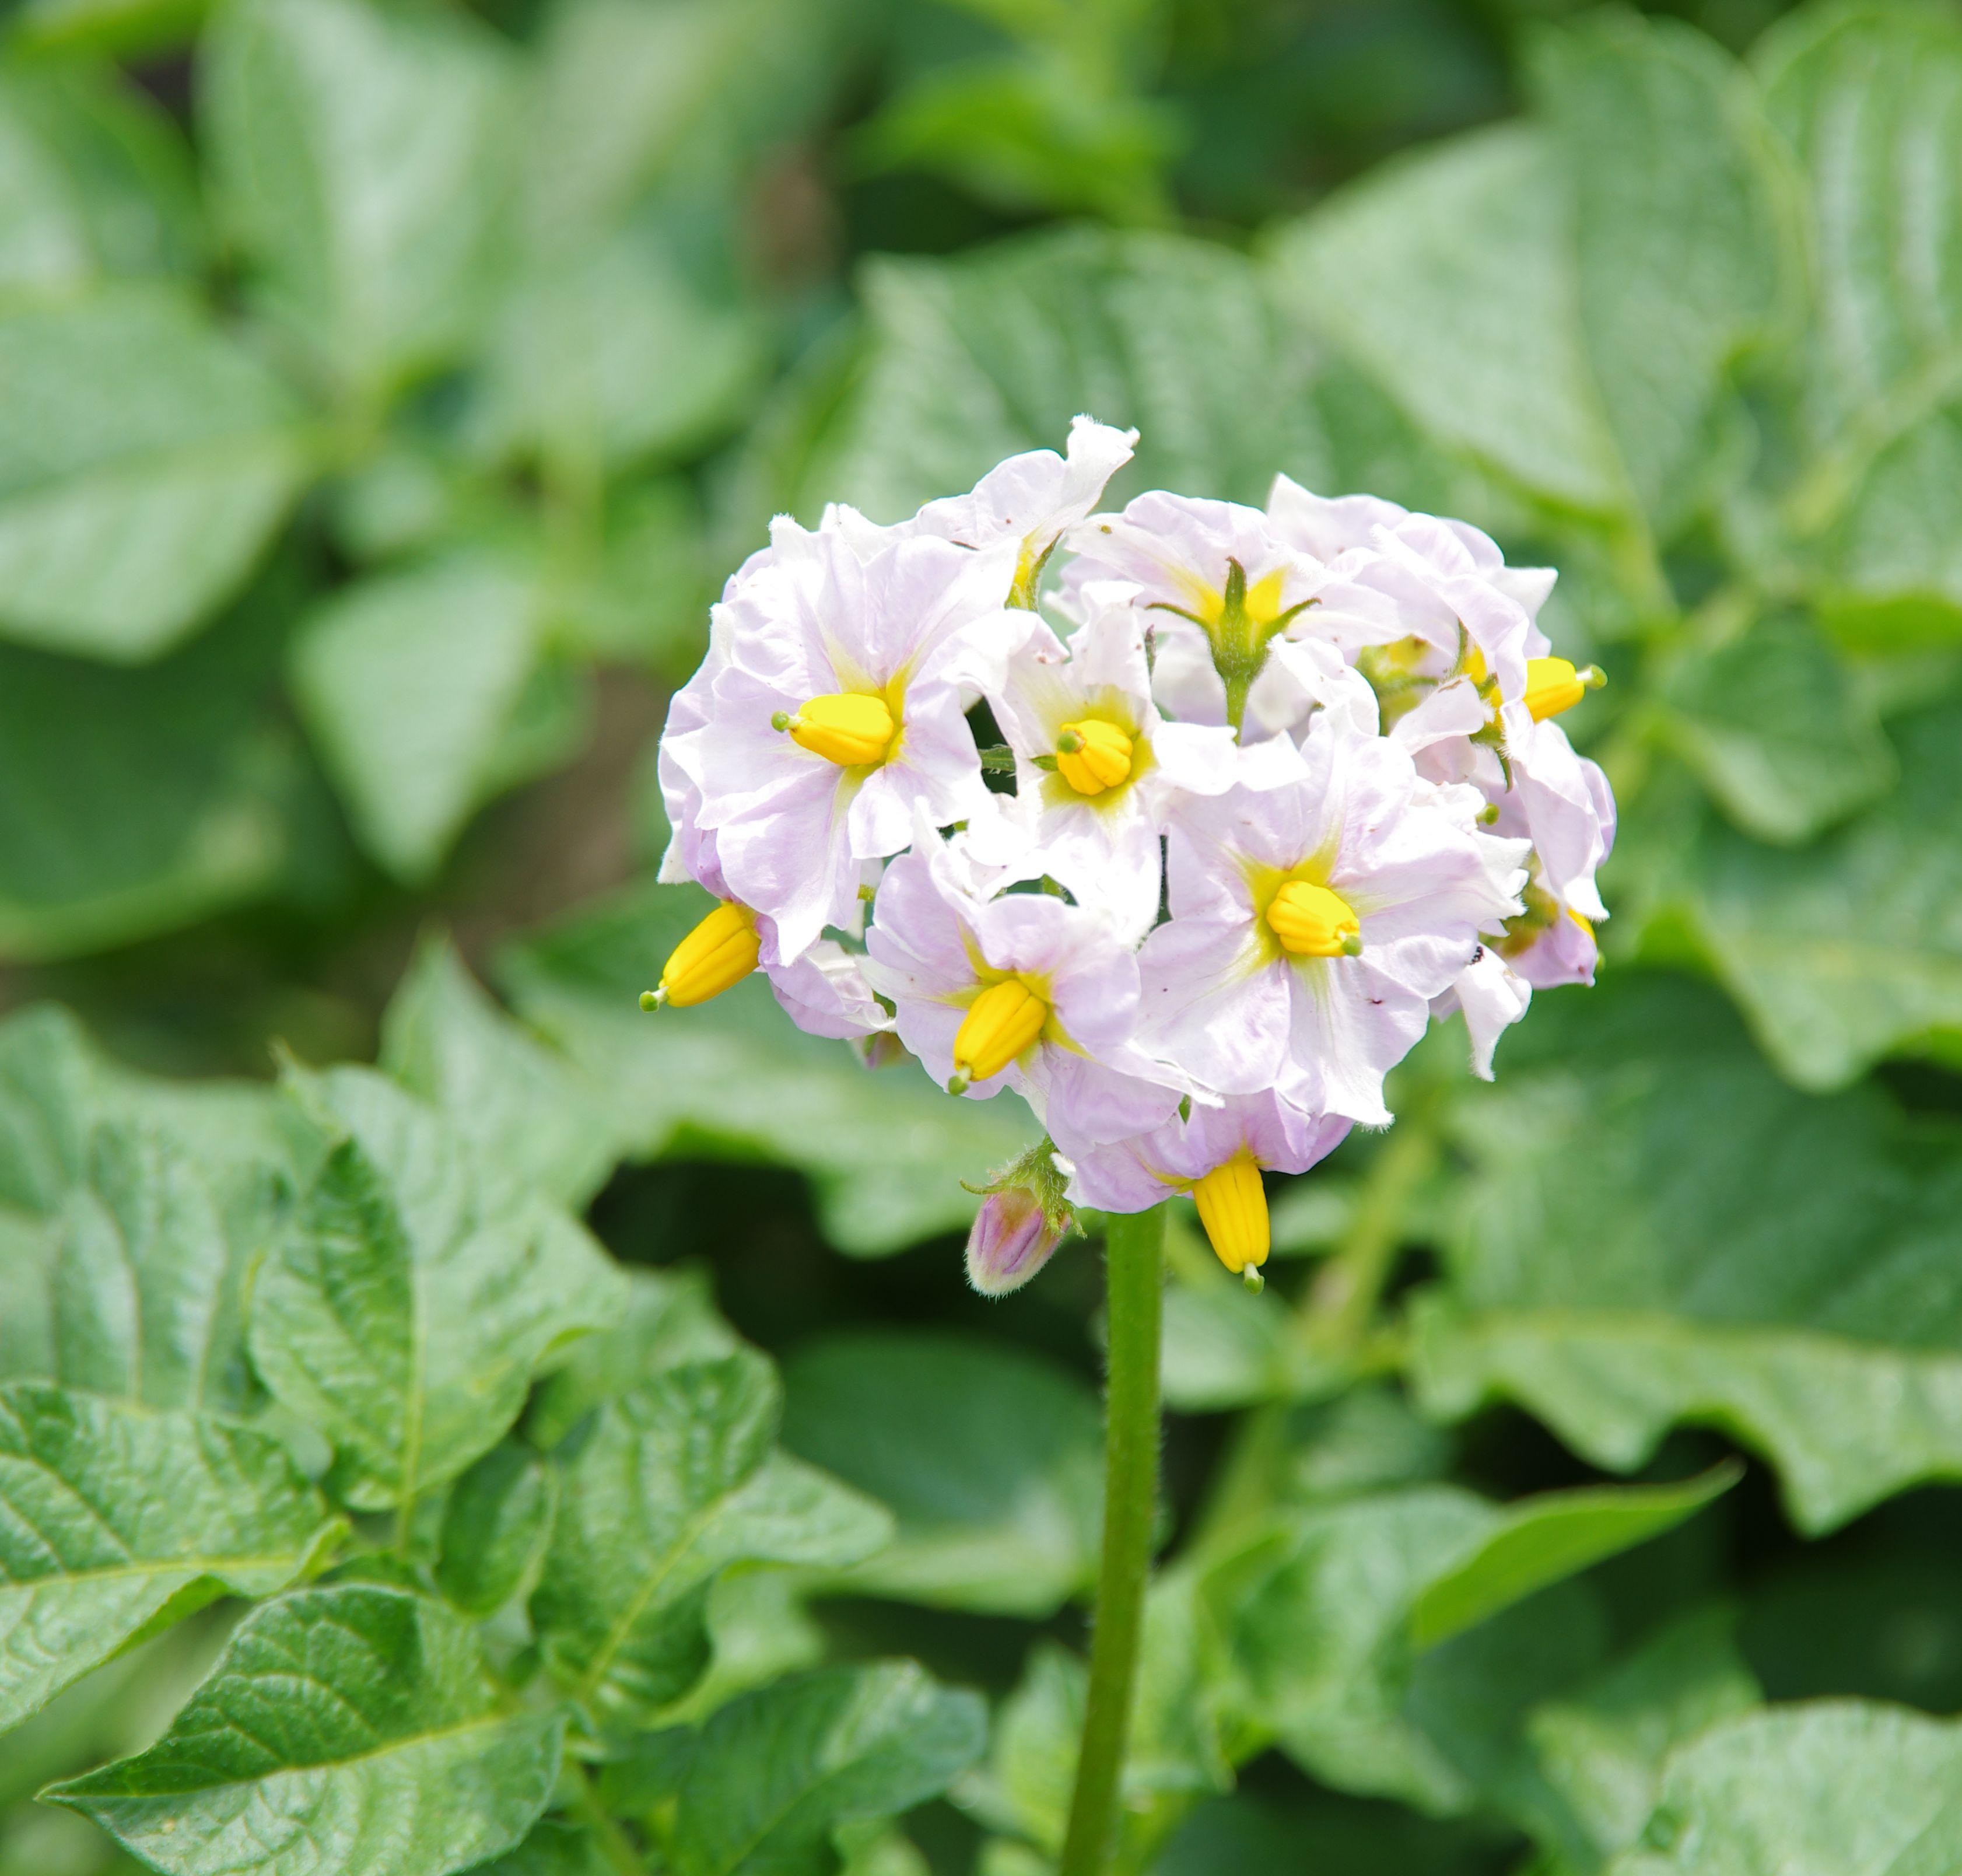 ジャガイモの花アップ